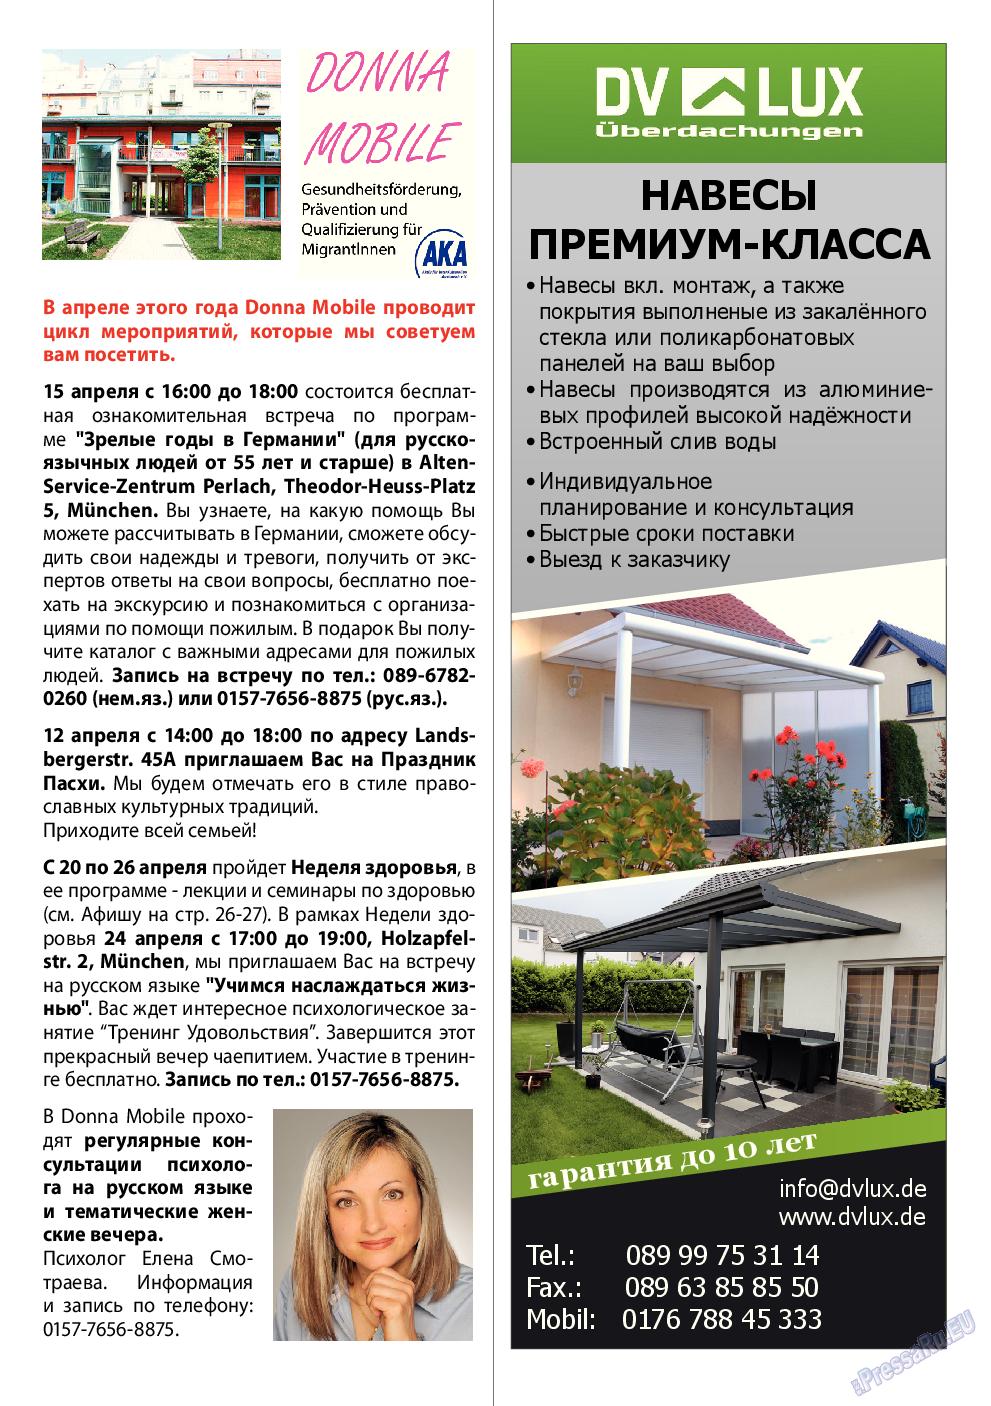 Апельсин (журнал). 2015 год, номер 69, стр. 17